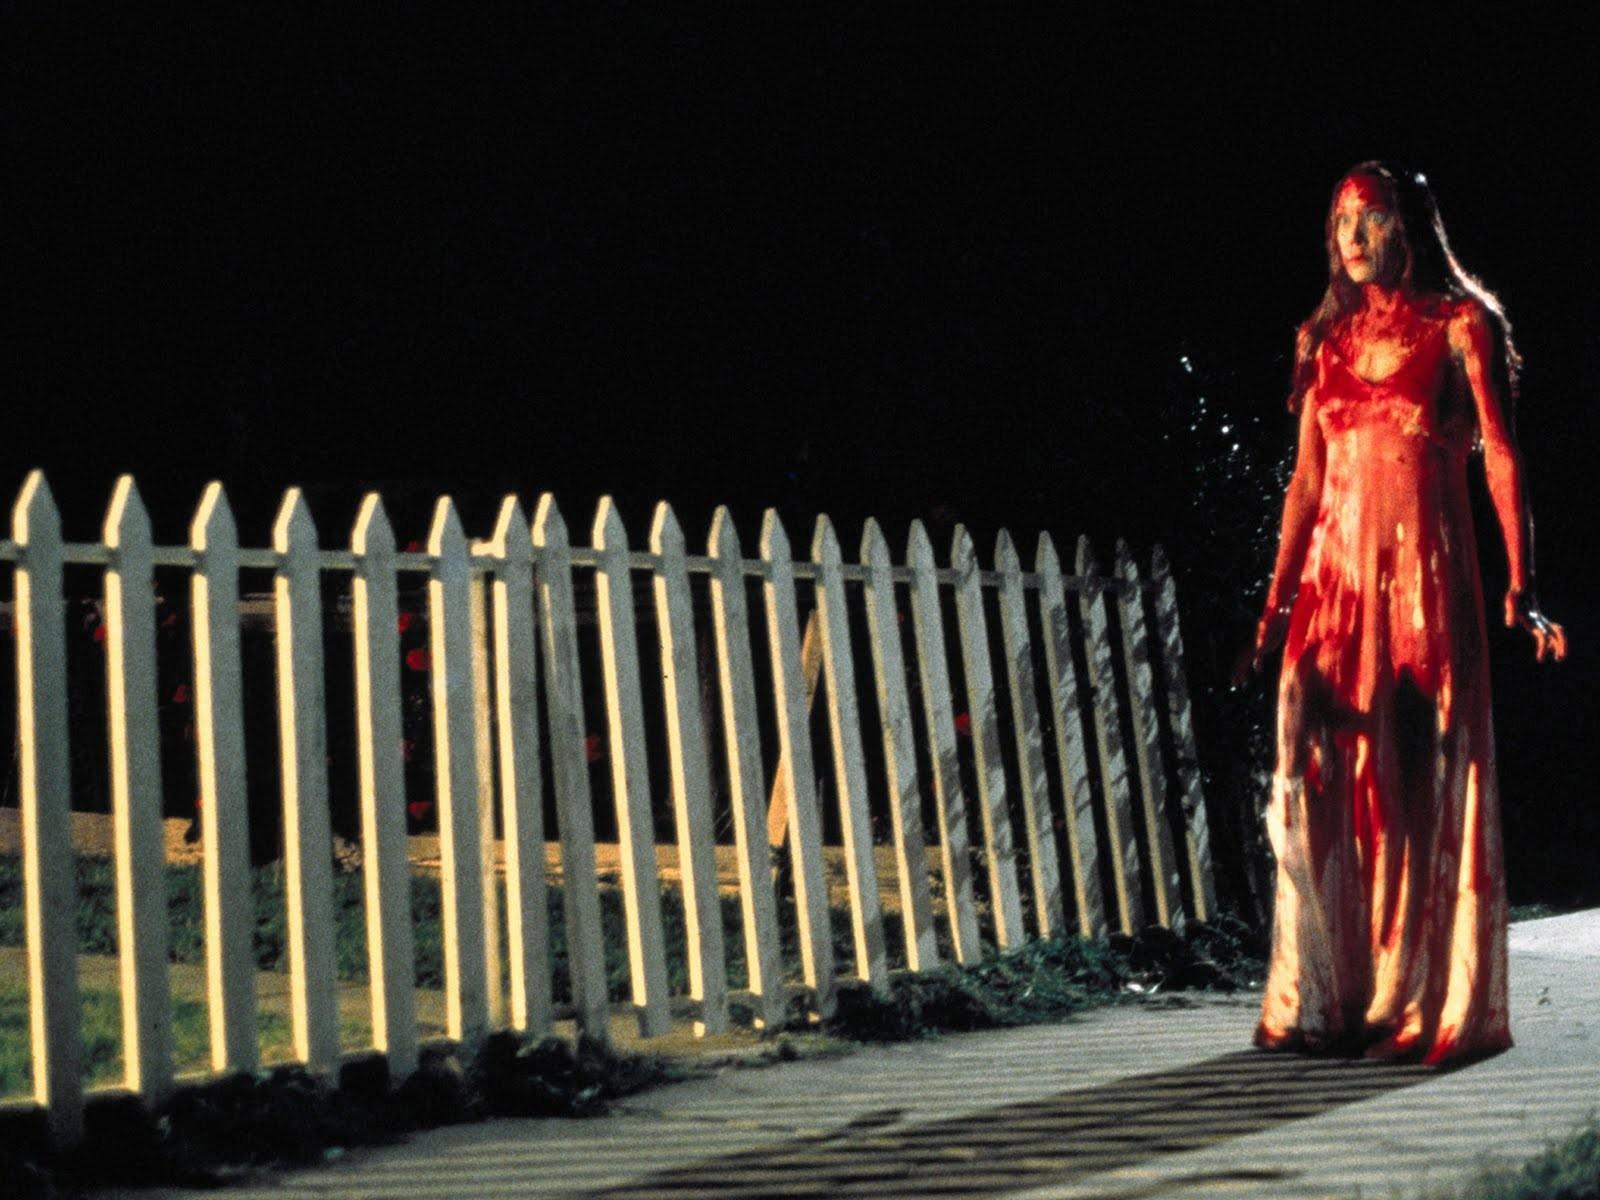 Cena do filme Carrie, a Estranha (Foto: reprodução)